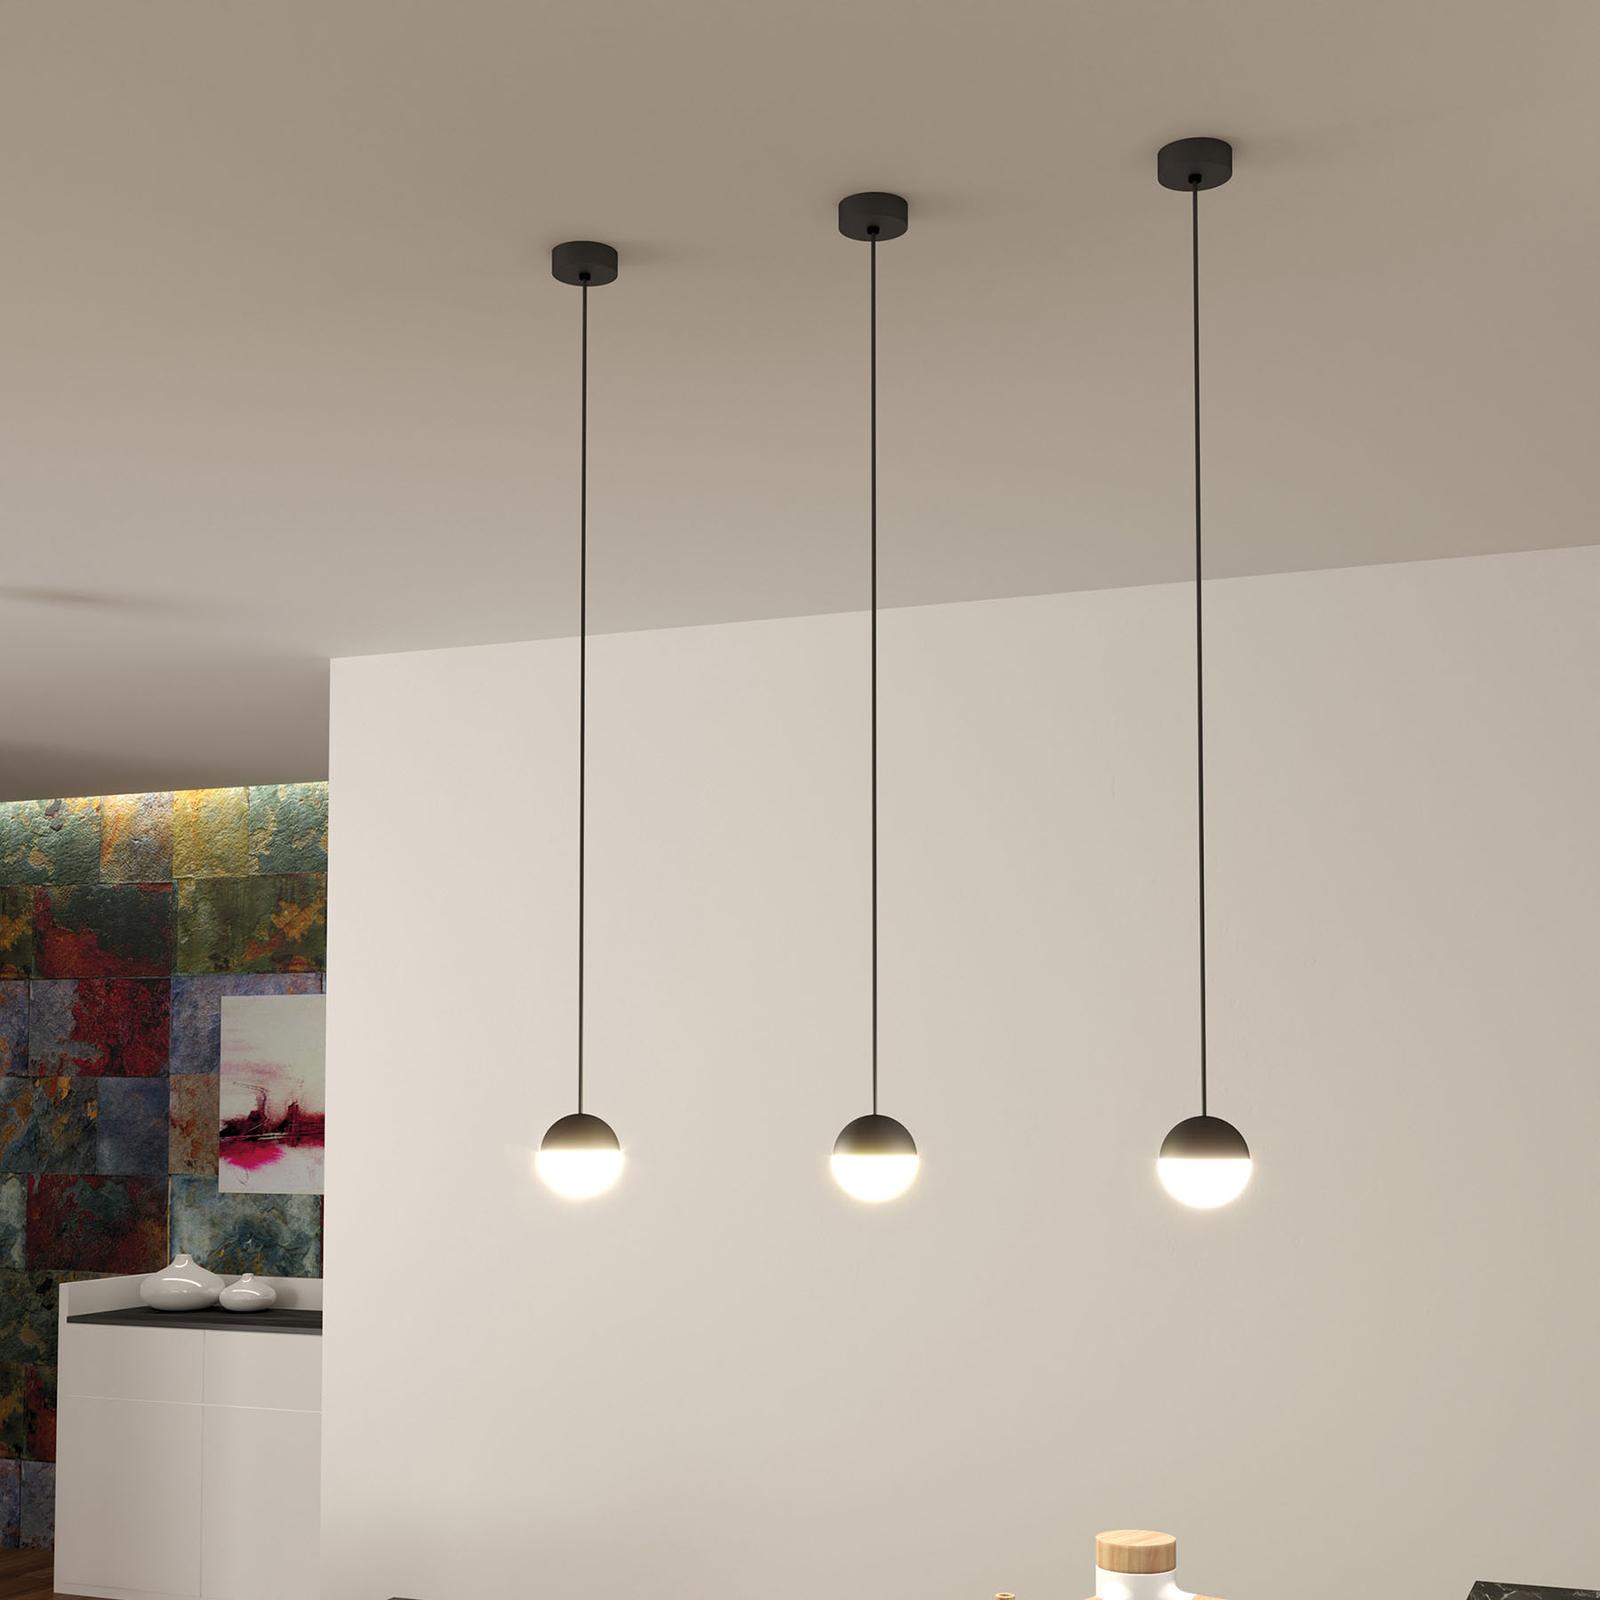 LED-Hängeleuchte Custo, einflammig